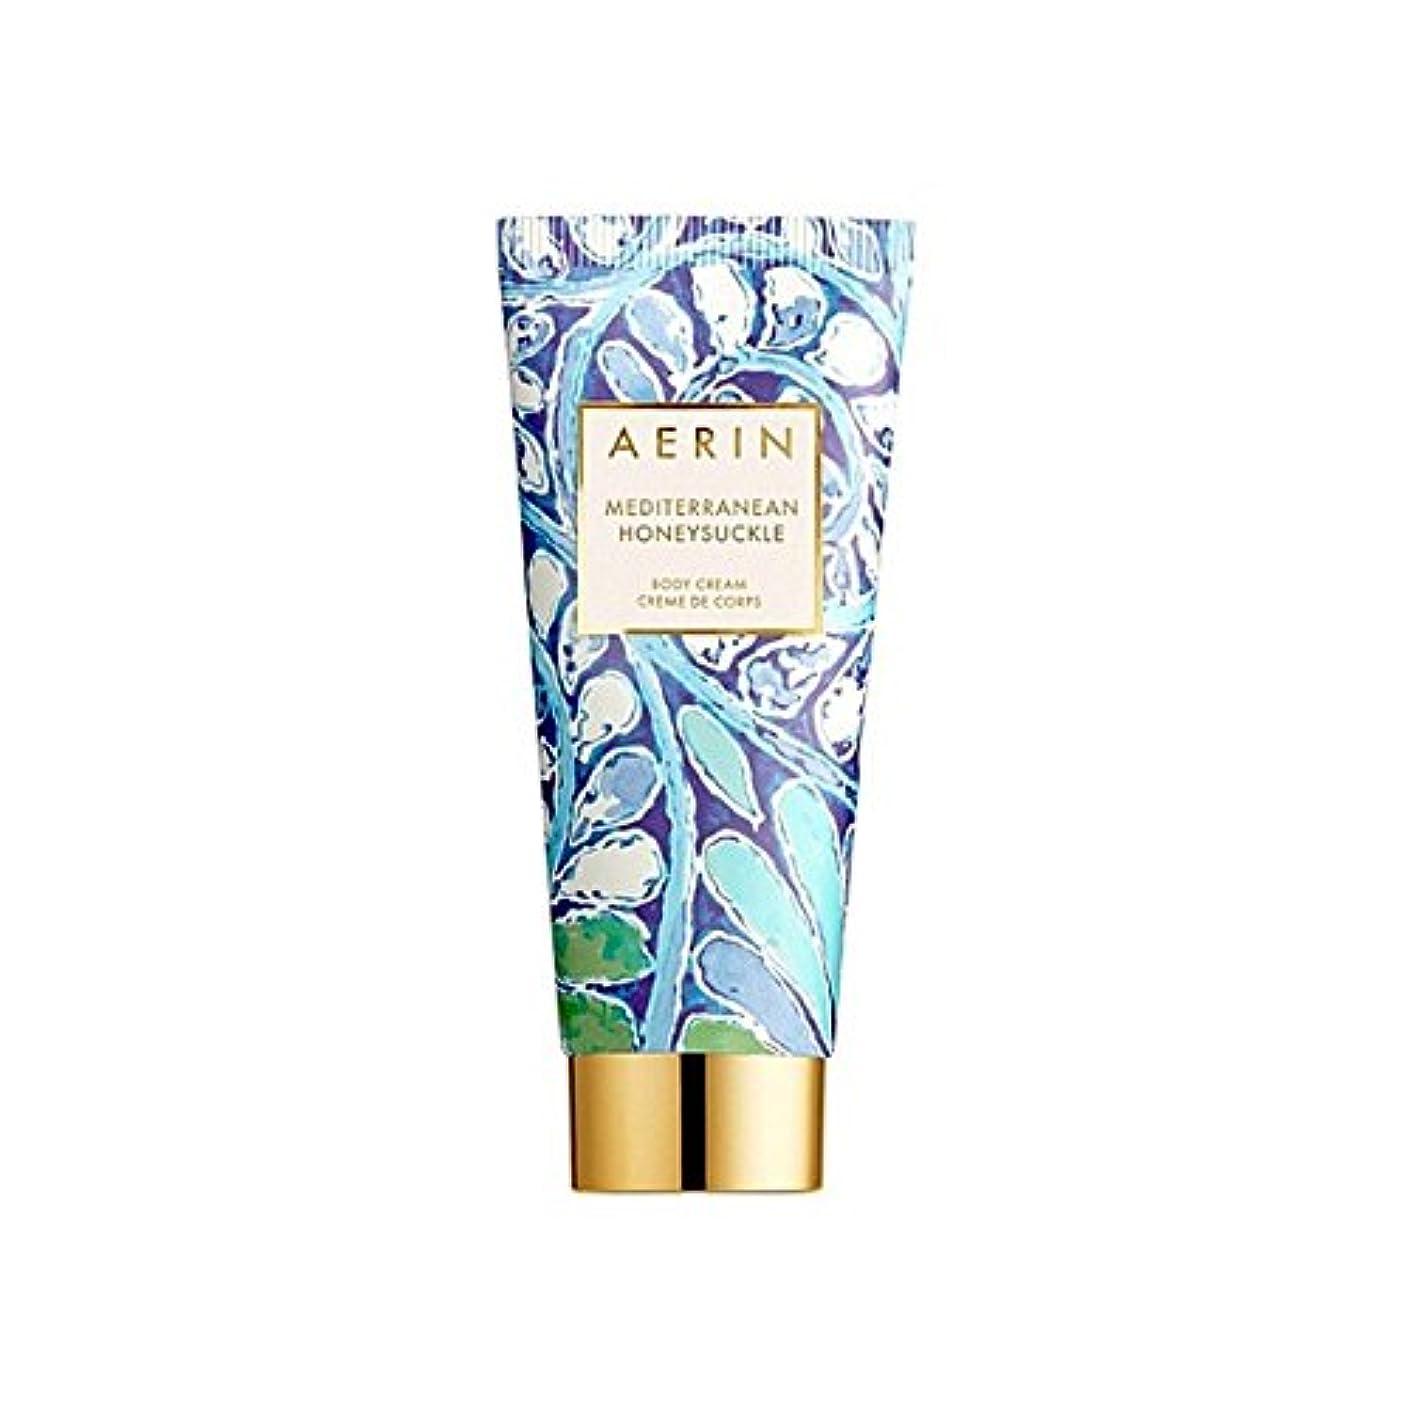 包帯チャネル汚染するスイカズラボディクリーム150ミリリットル x4 - Aerin Mediterrenean Honeysuckle Body Cream 150ml (Pack of 4) [並行輸入品]